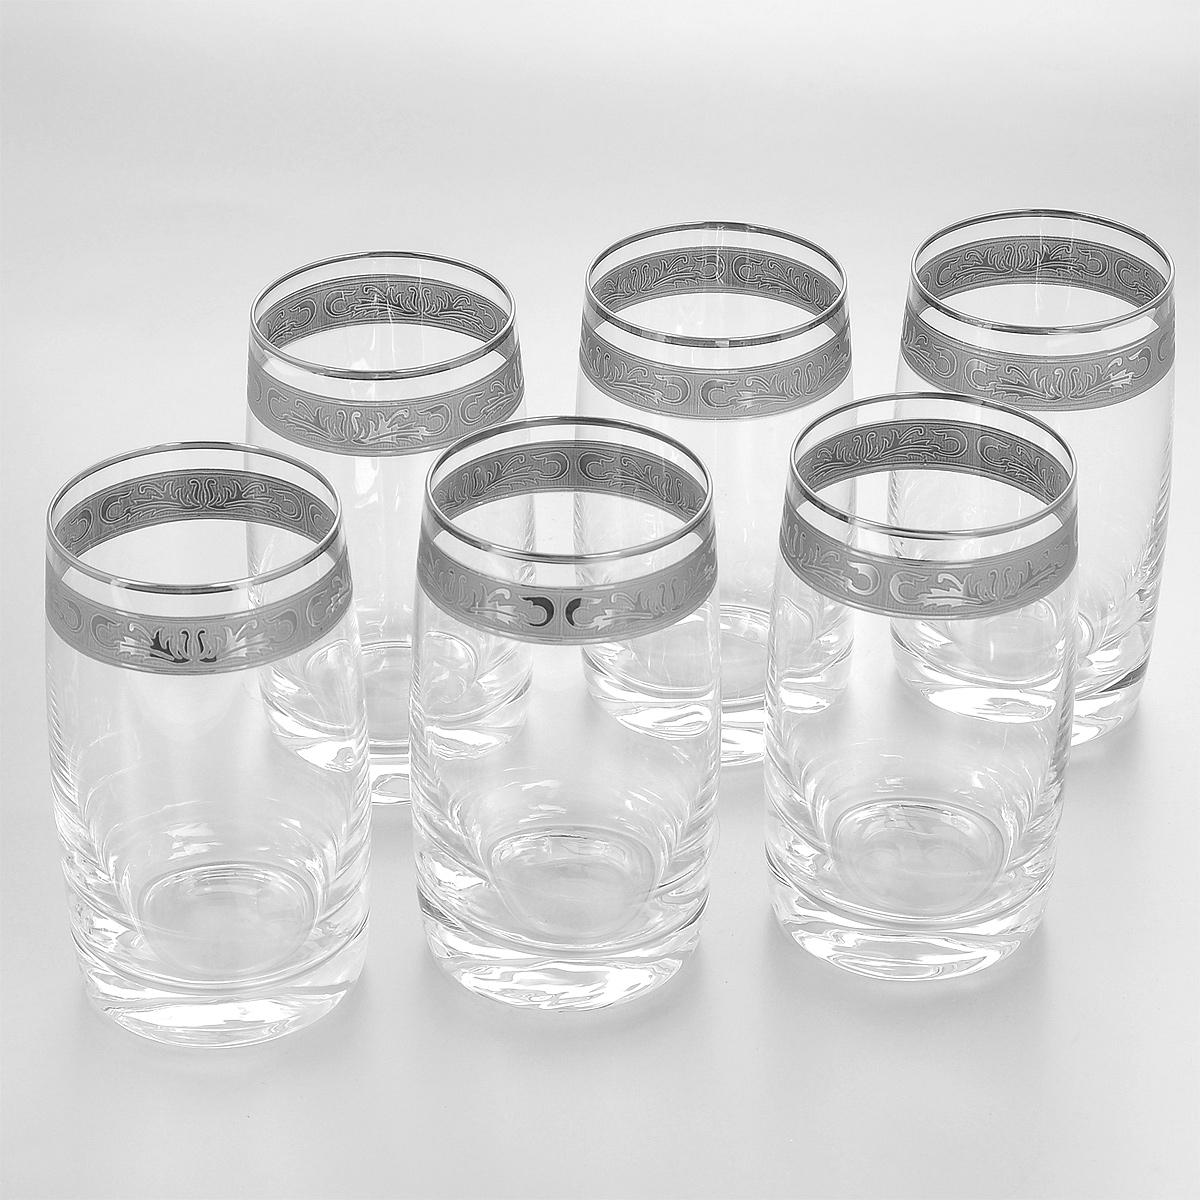 Набор стаканов Crystalite Bohemia Идеал, 250 мл, 6 шт. 25015/250/378500K25015/250/378500KНабор Crystalite Bohemia Идеал состоит из шести стаканов, выполненных из прочного высококачественного прозрачного стекла. Изделия декорированы серебристой окантовкой и оригинальным орнаментом. Стаканы предназначены для подачи воды, сока и других напитков. Они излучают приятный блеск и издают мелодичный звон. Стаканы сочетают в себе элегантный дизайн и функциональность. Благодаря такому набору пить напитки будет еще вкуснее.Набор стаканов Crystalite Bohemia Идеал прекрасно оформит праздничный стол и создаст приятную атмосферу за романтическим ужином. Такой набор также станет хорошим подарком к любому случаю. Не использовать в посудомоечной машине и микроволновой печи.